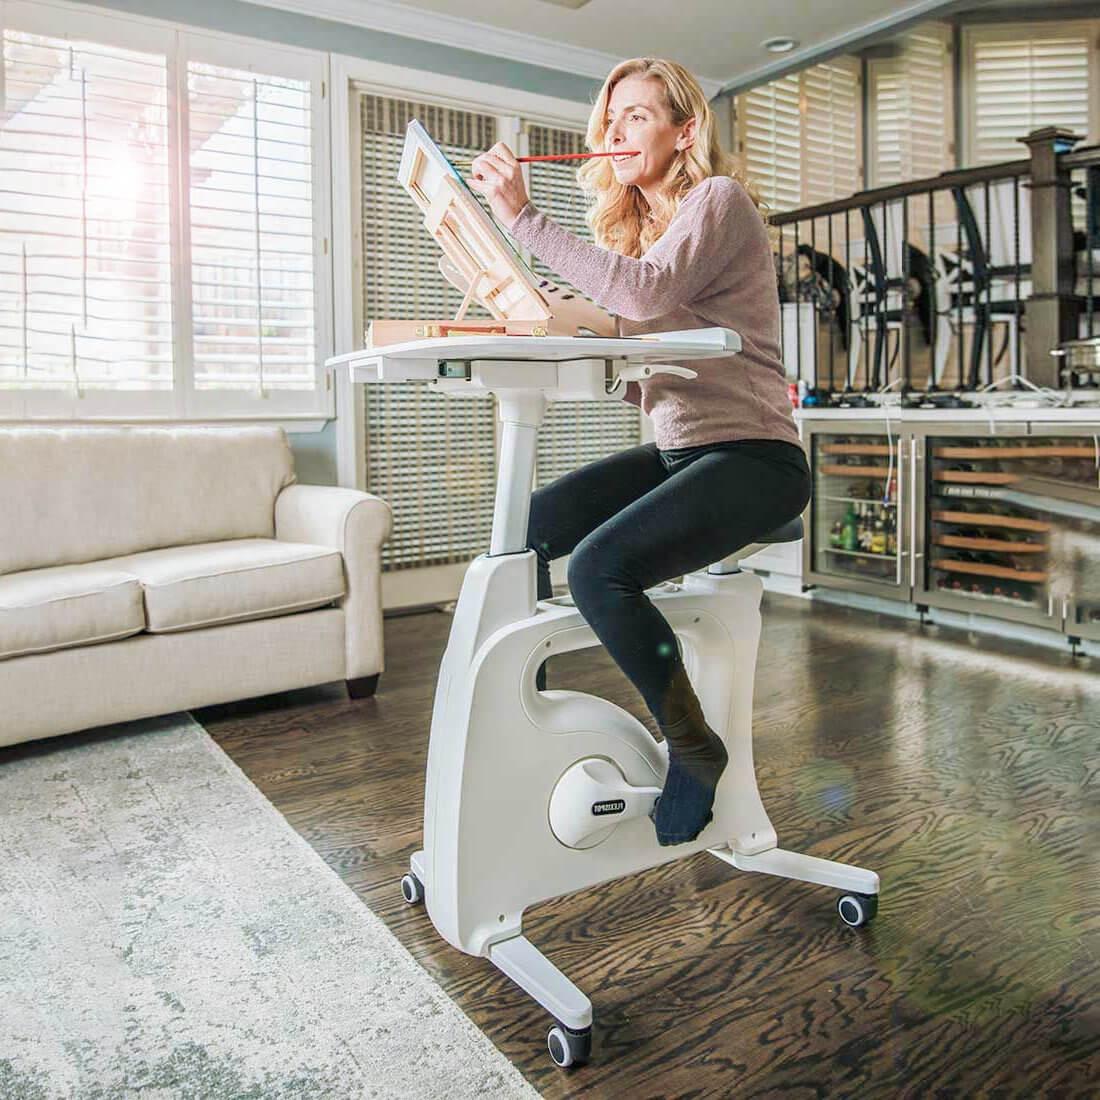 Flexispot Deskcise Pro under desk bike